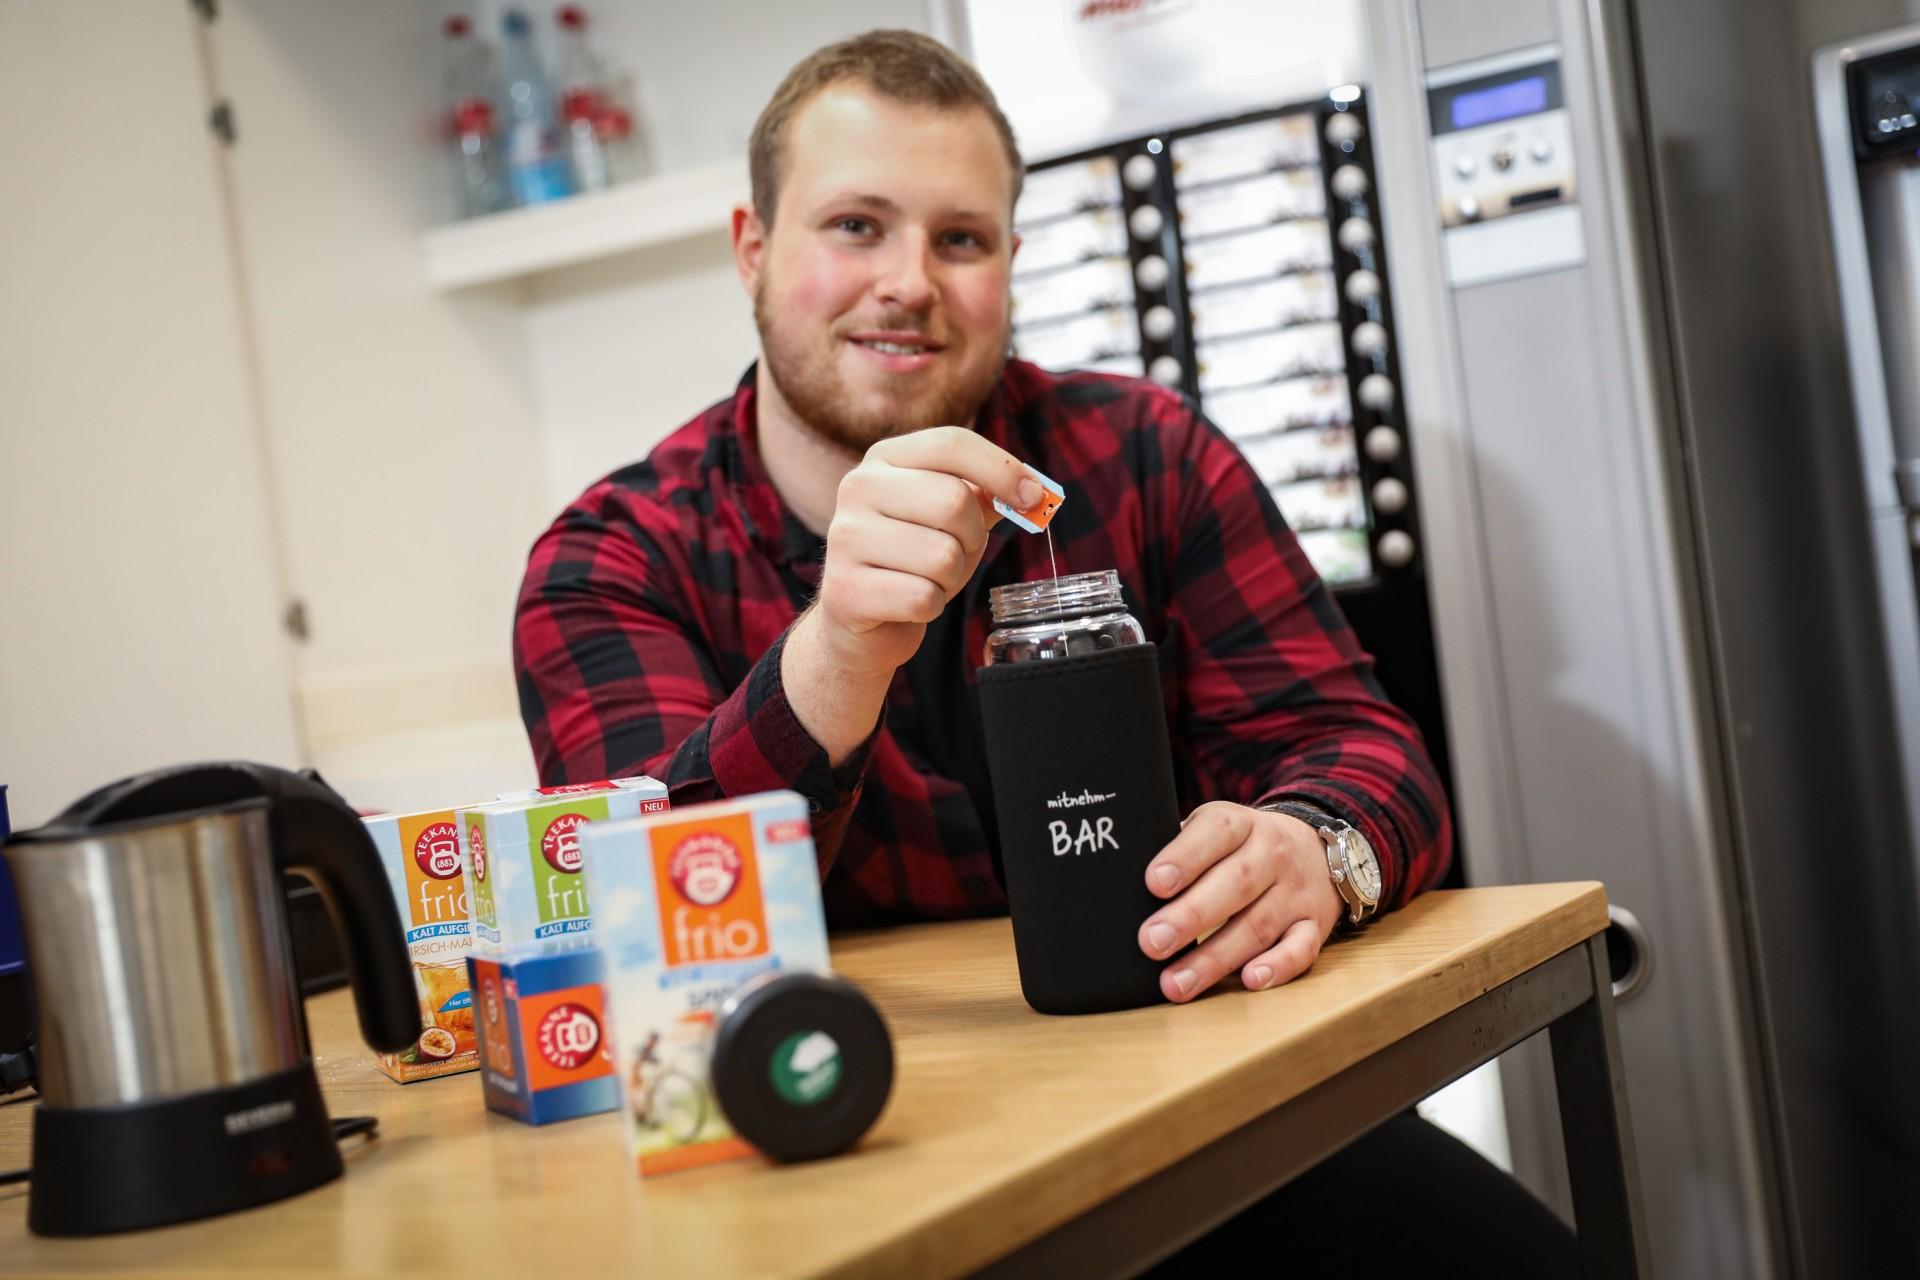 Unternehmen Familie Dücker Group - Kostenfreies Obst und Getränke auch für Azubi Tim Warzecha